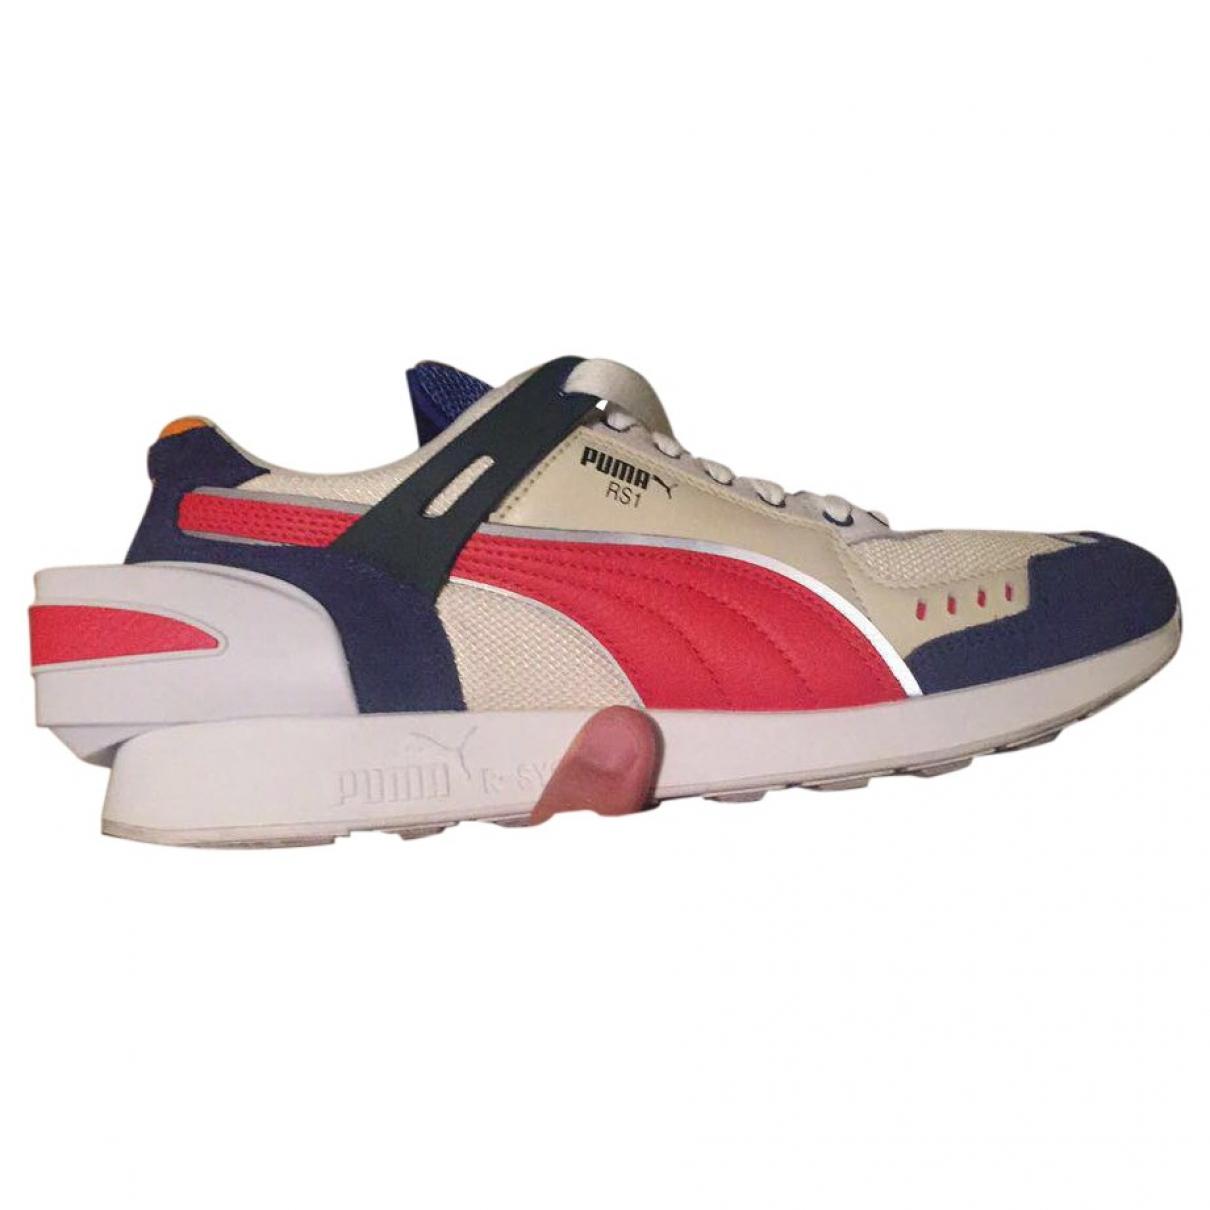 Puma - Baskets   pour homme - multicolore